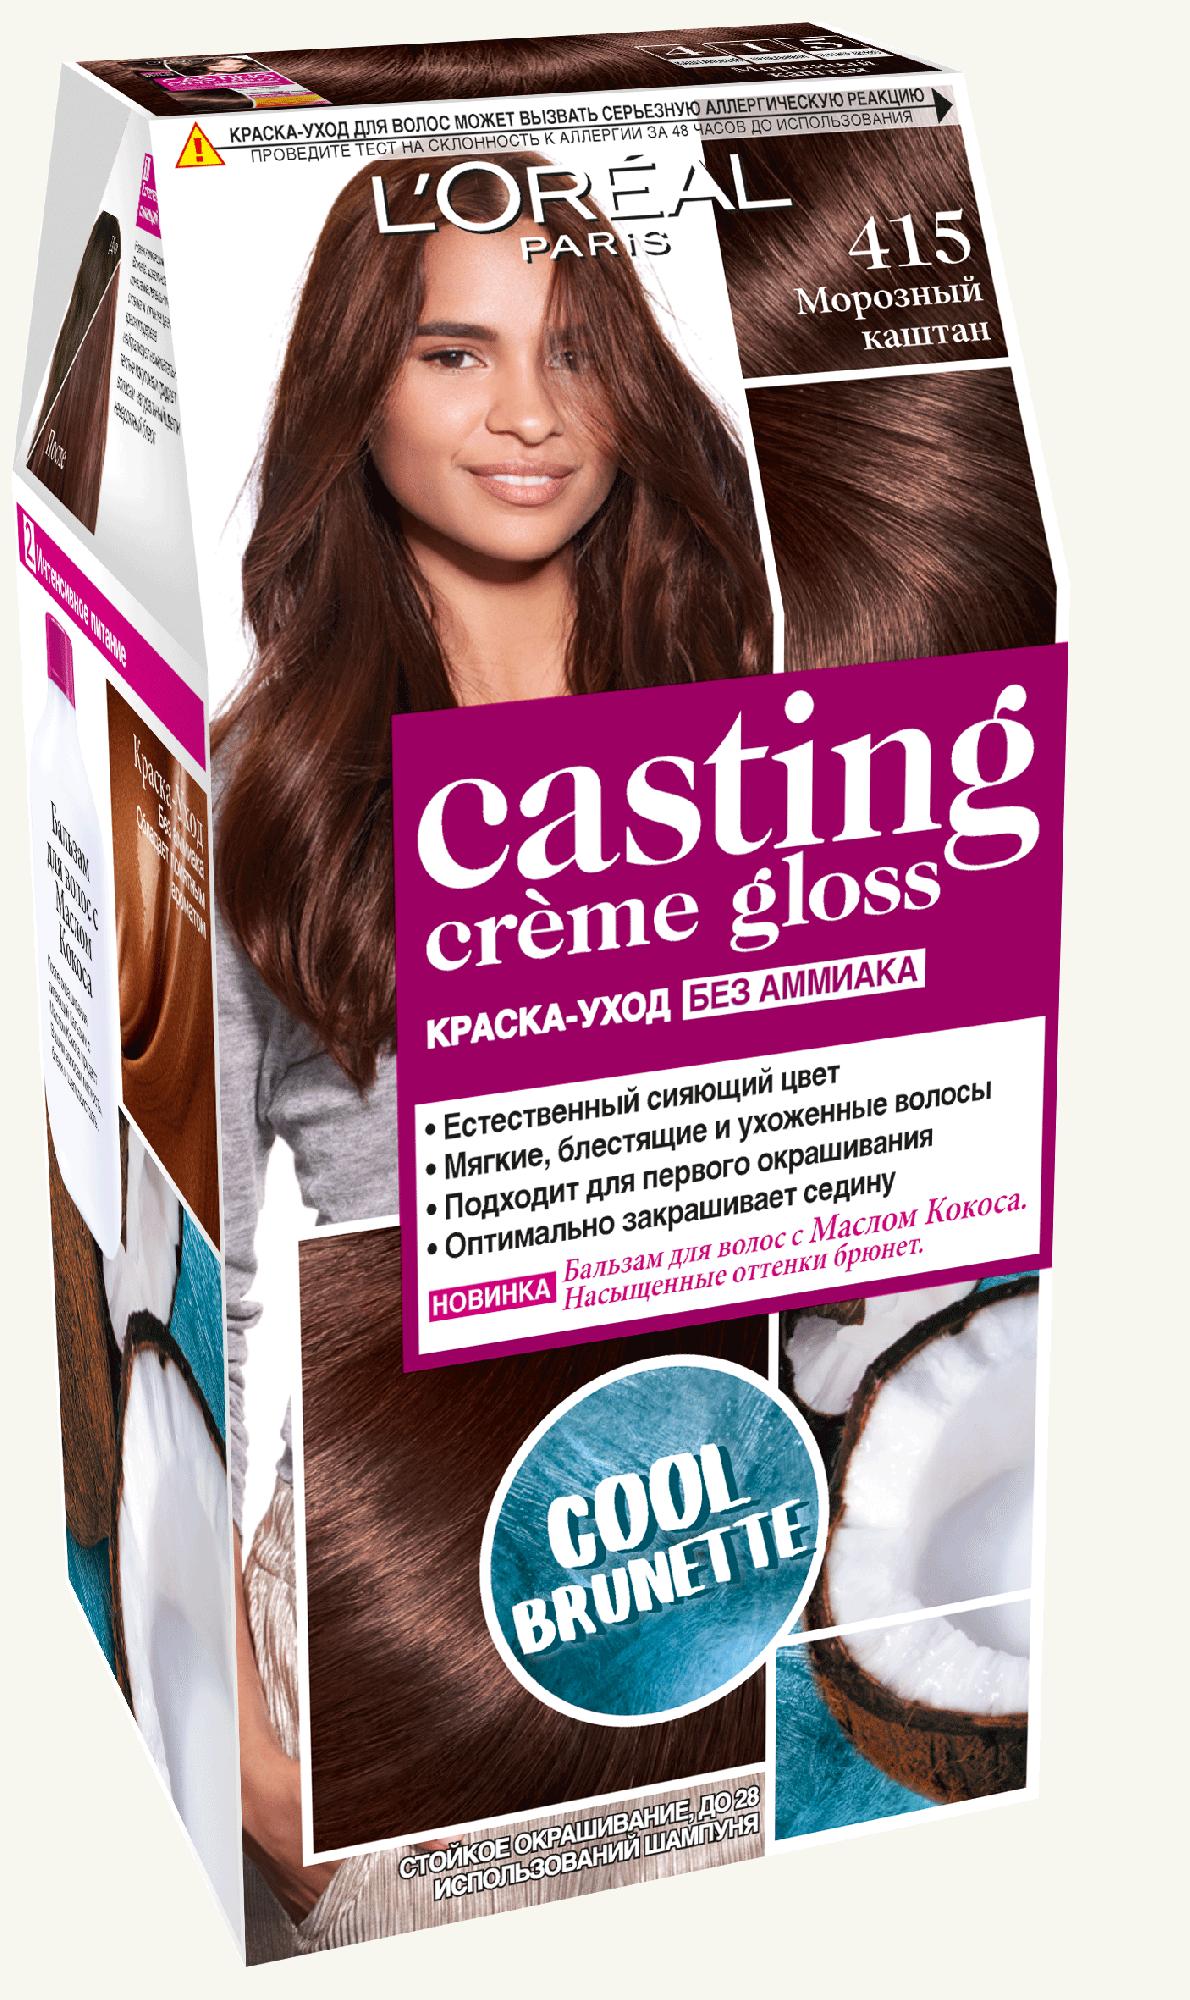 Миниатюра Краска для волос L`Oreal Paris Casting Creme Gloss Морозный каштан тон 415 №1